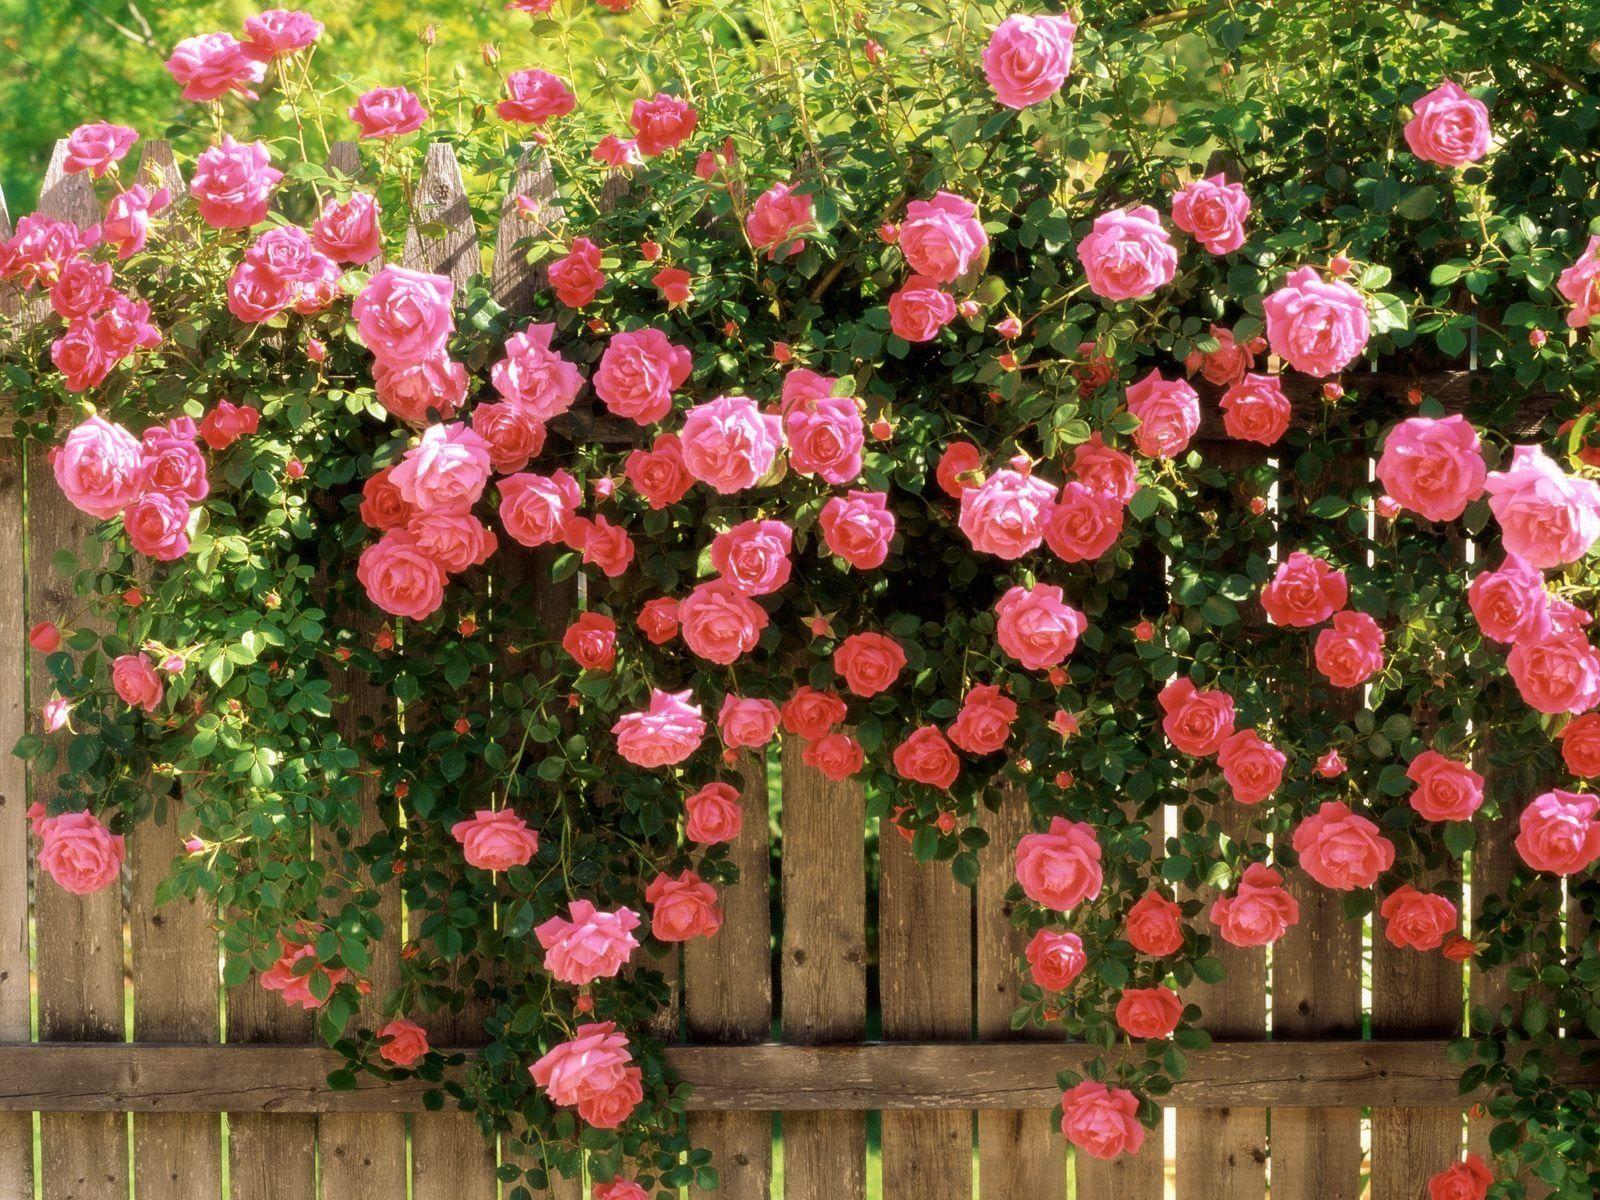 105306 скачать обои Цветы, Забор, Зелень, Розы - заставки и картинки бесплатно